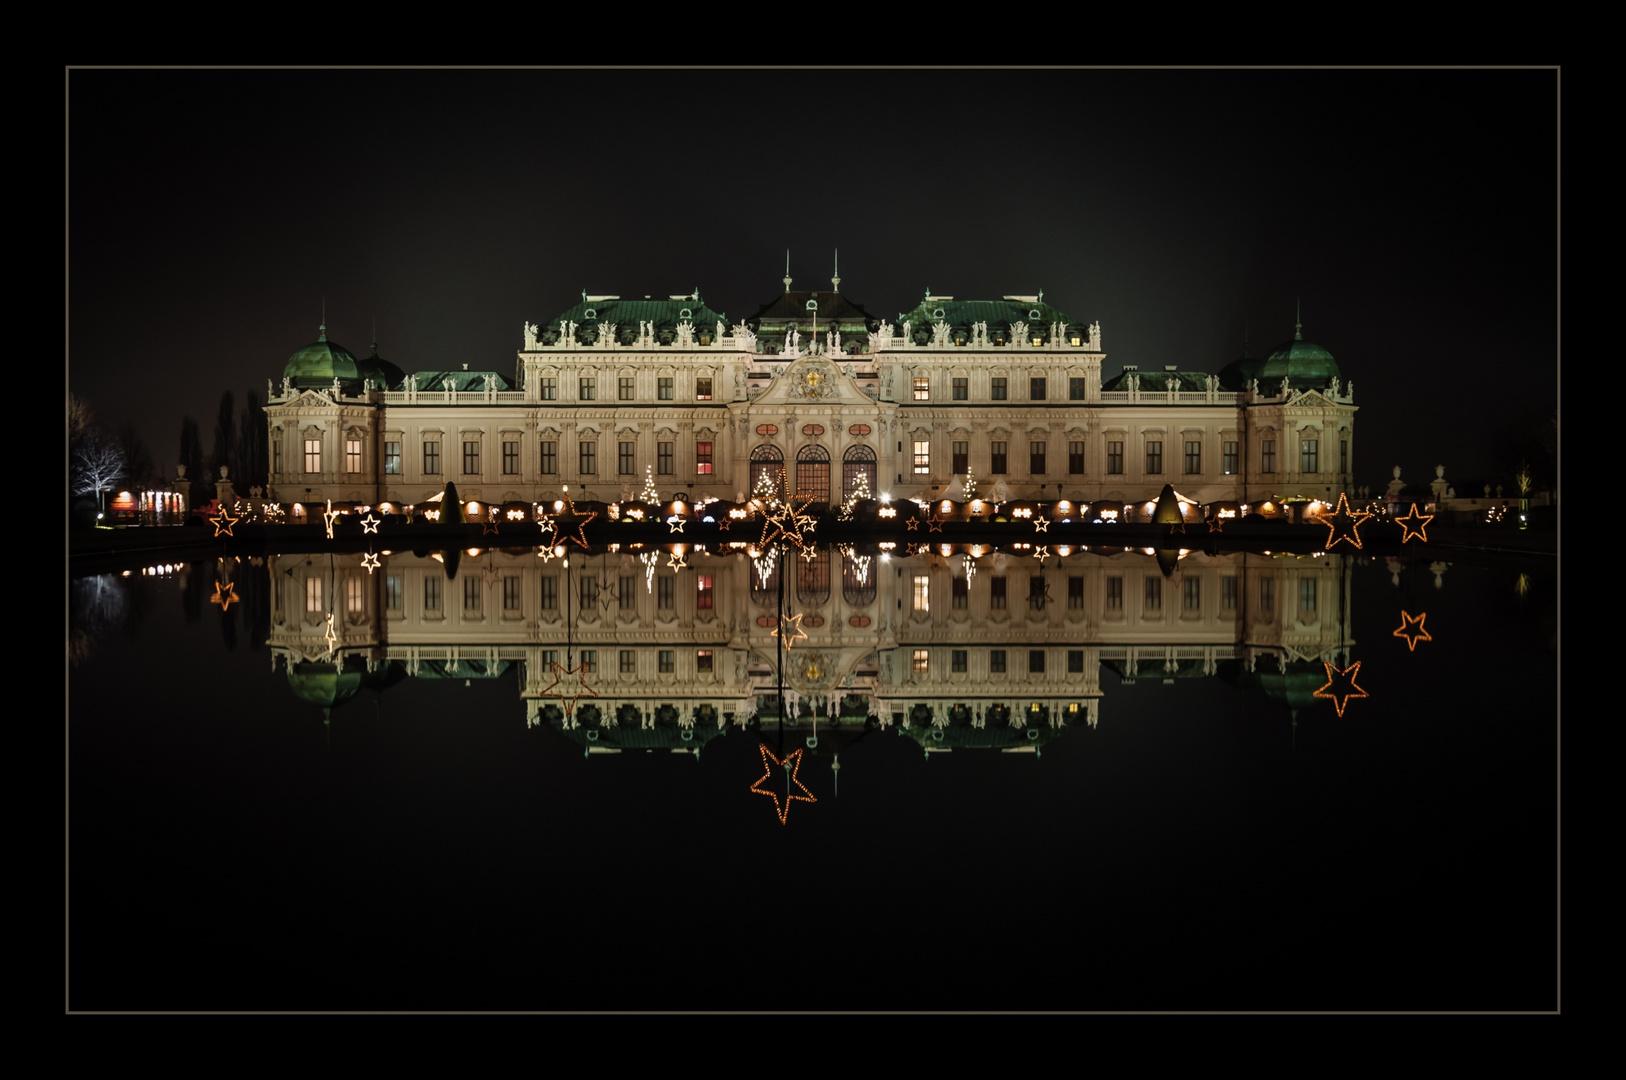 Haben Sie Wien schon bei Nacht geseh'n?